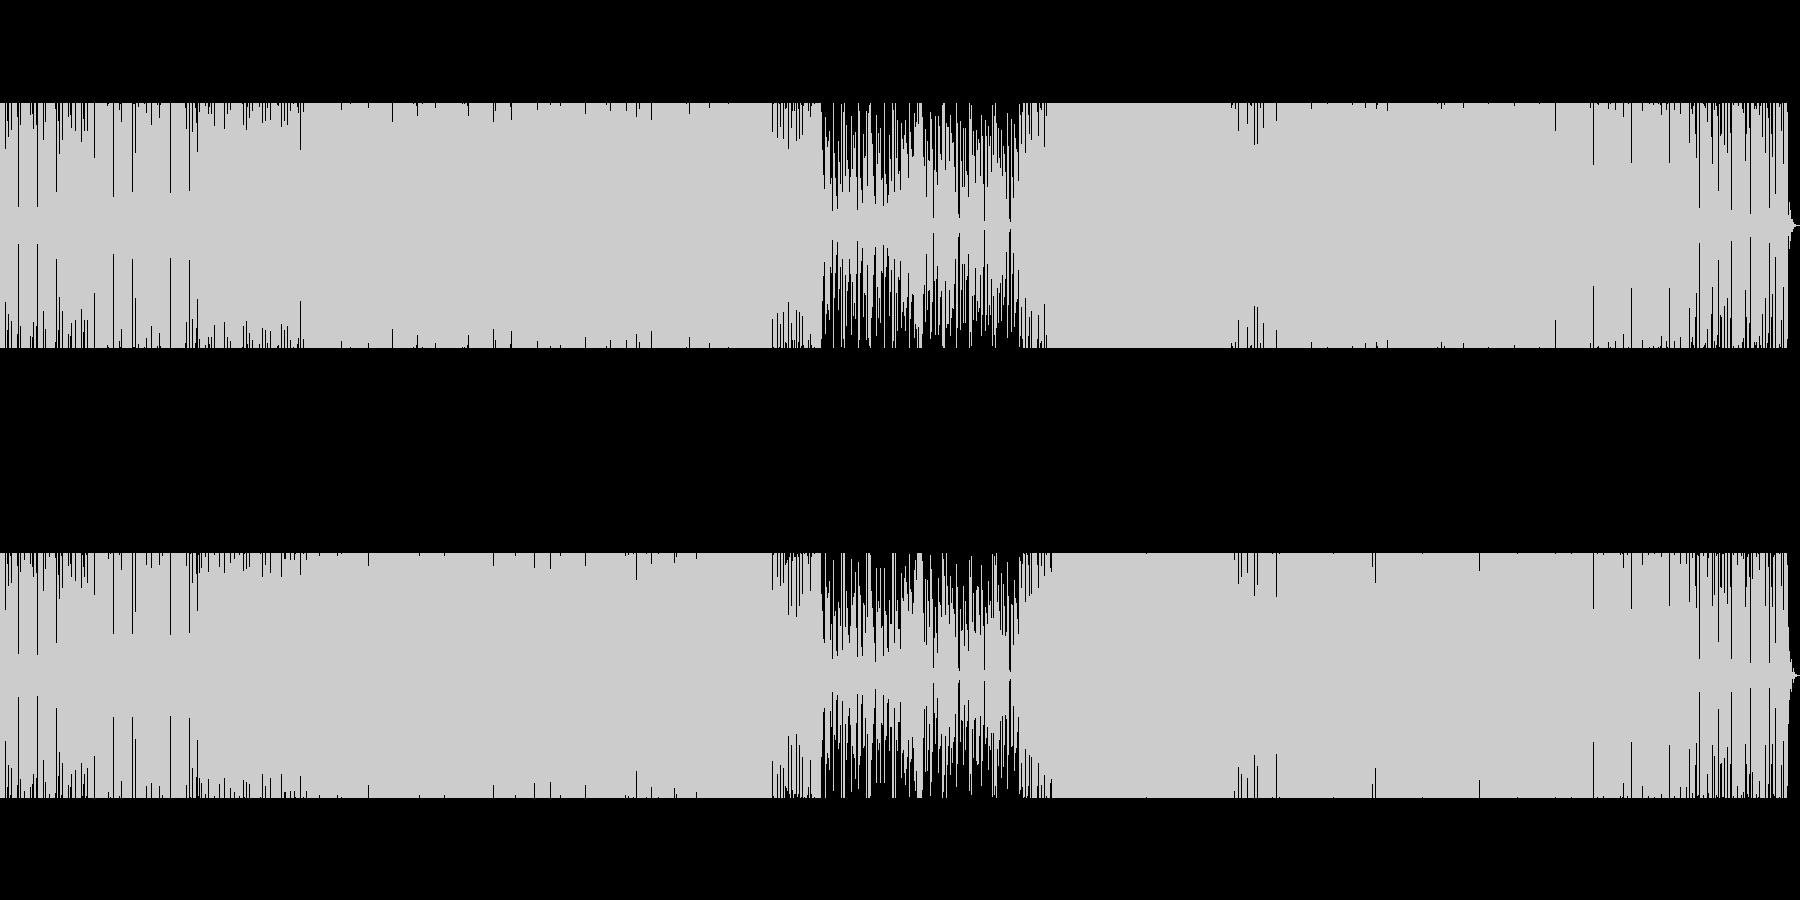 エレクトロ。離調したピアノ。の未再生の波形